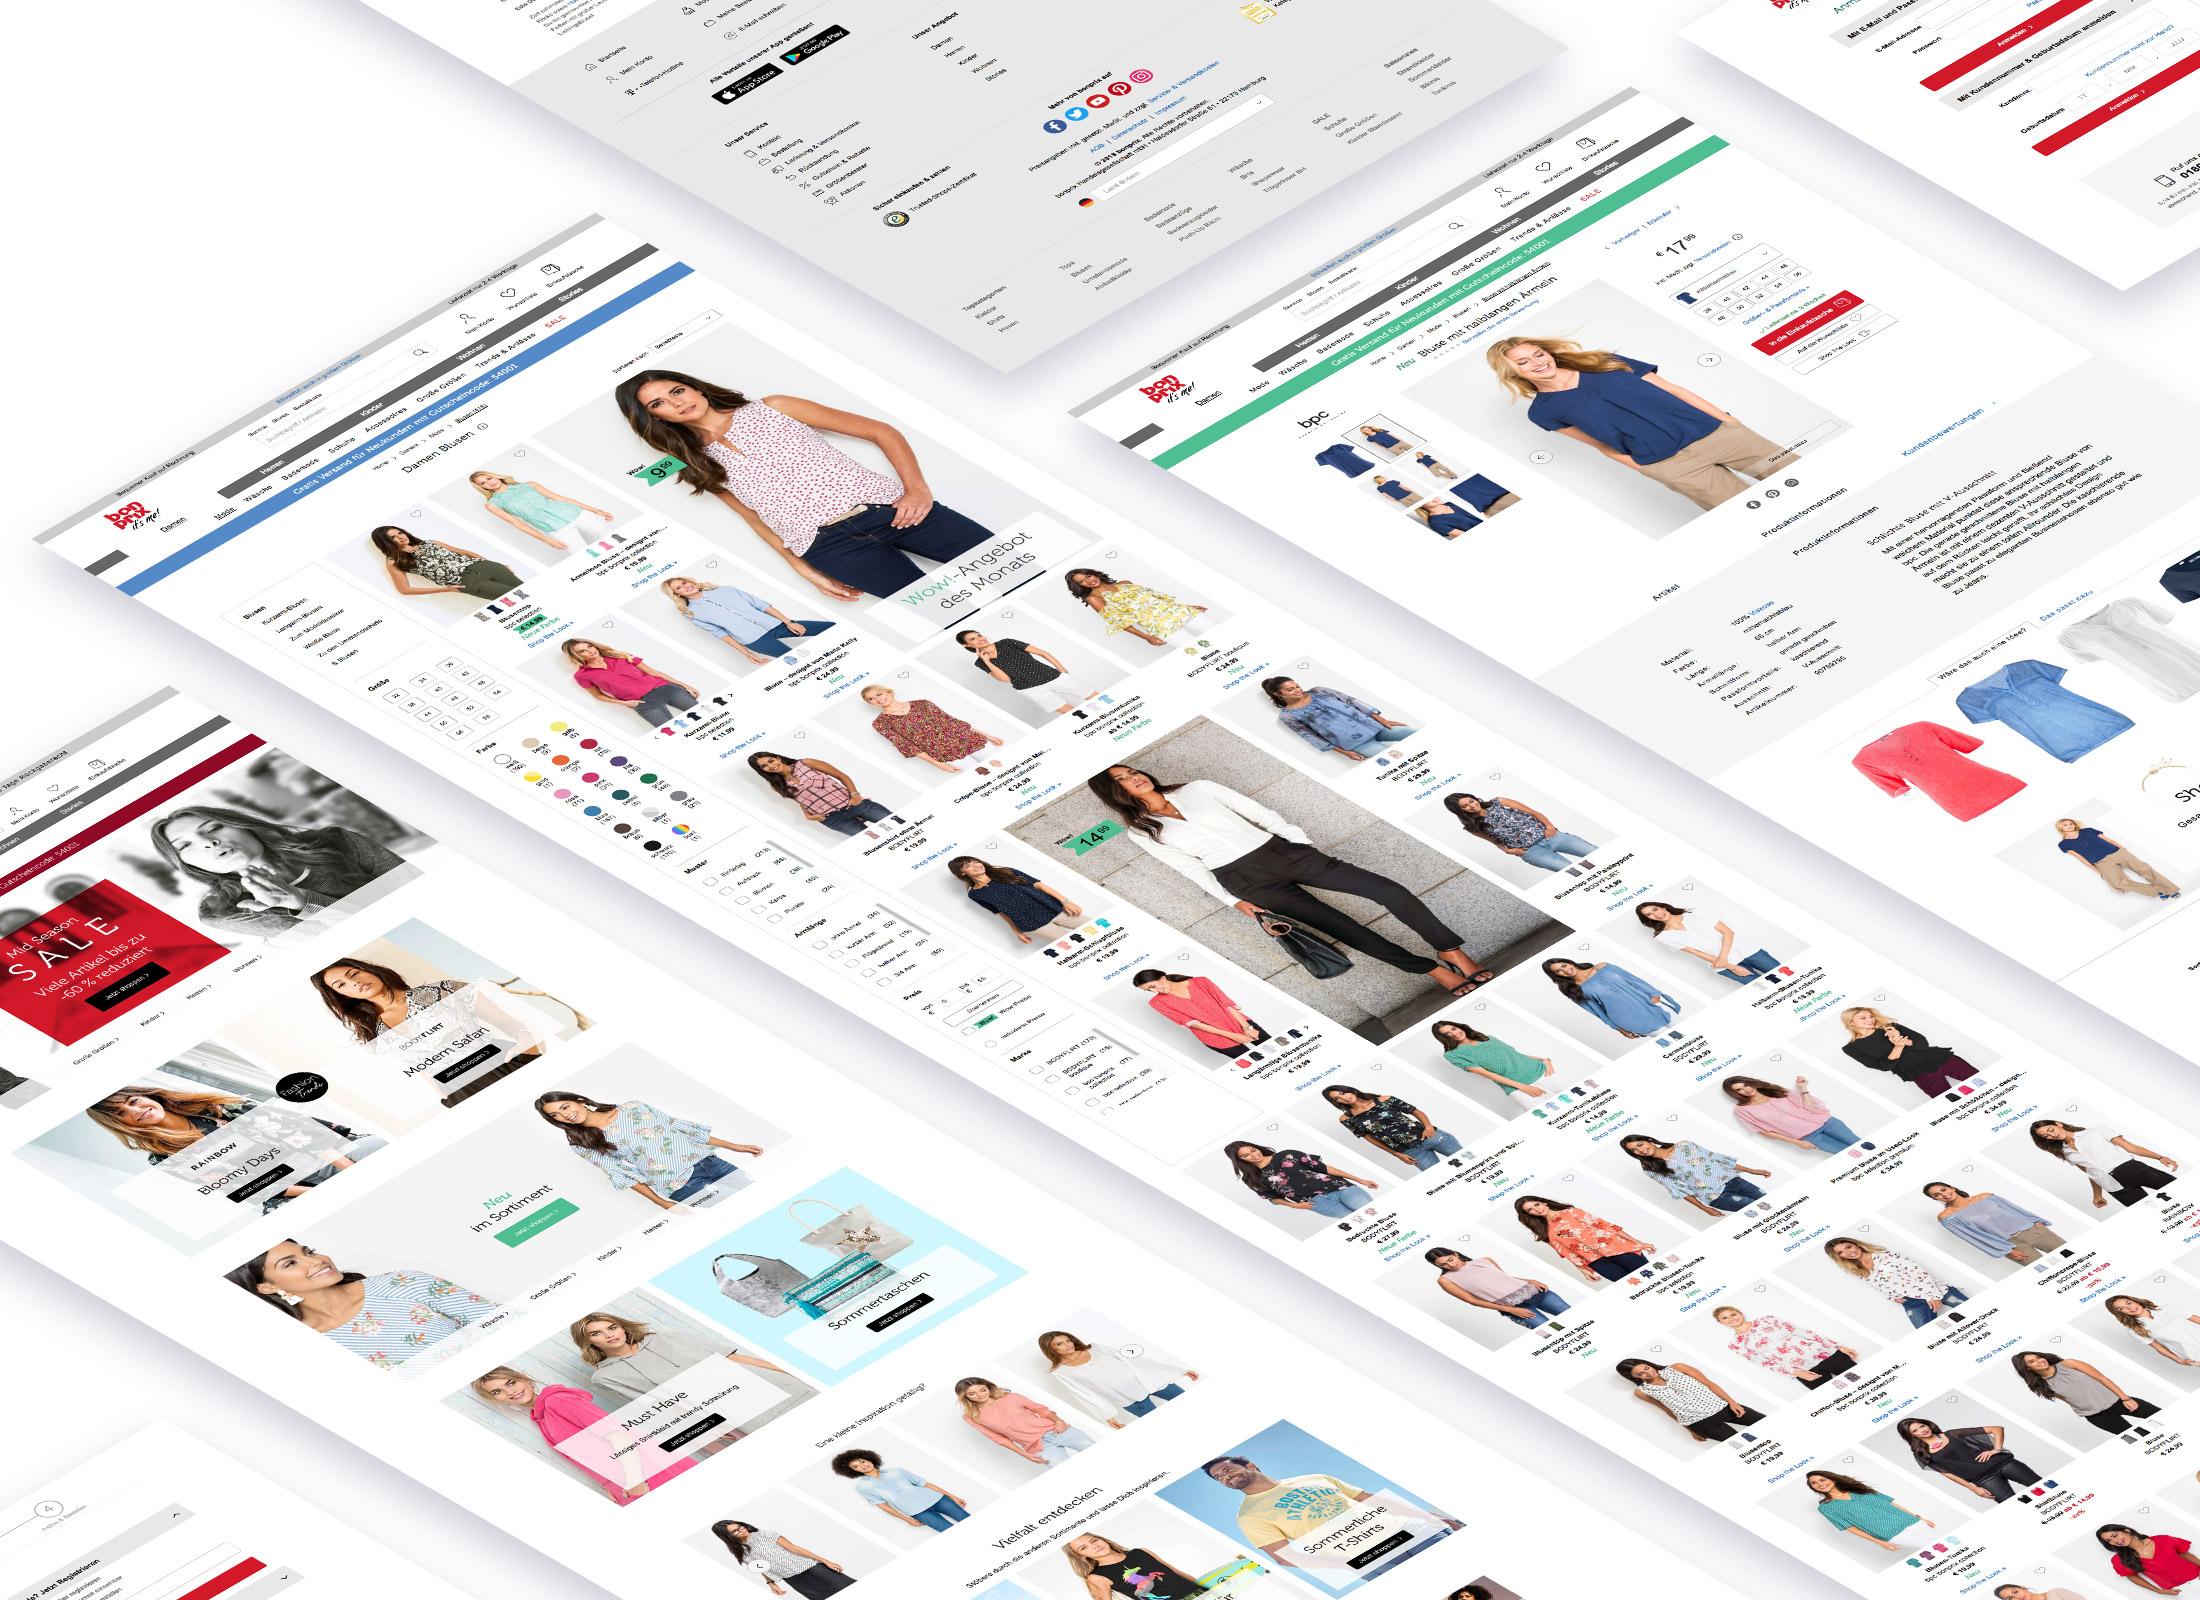 Startseite, Artikelübersichtsseite und Artikeldetailseite des bonprix Online Shops